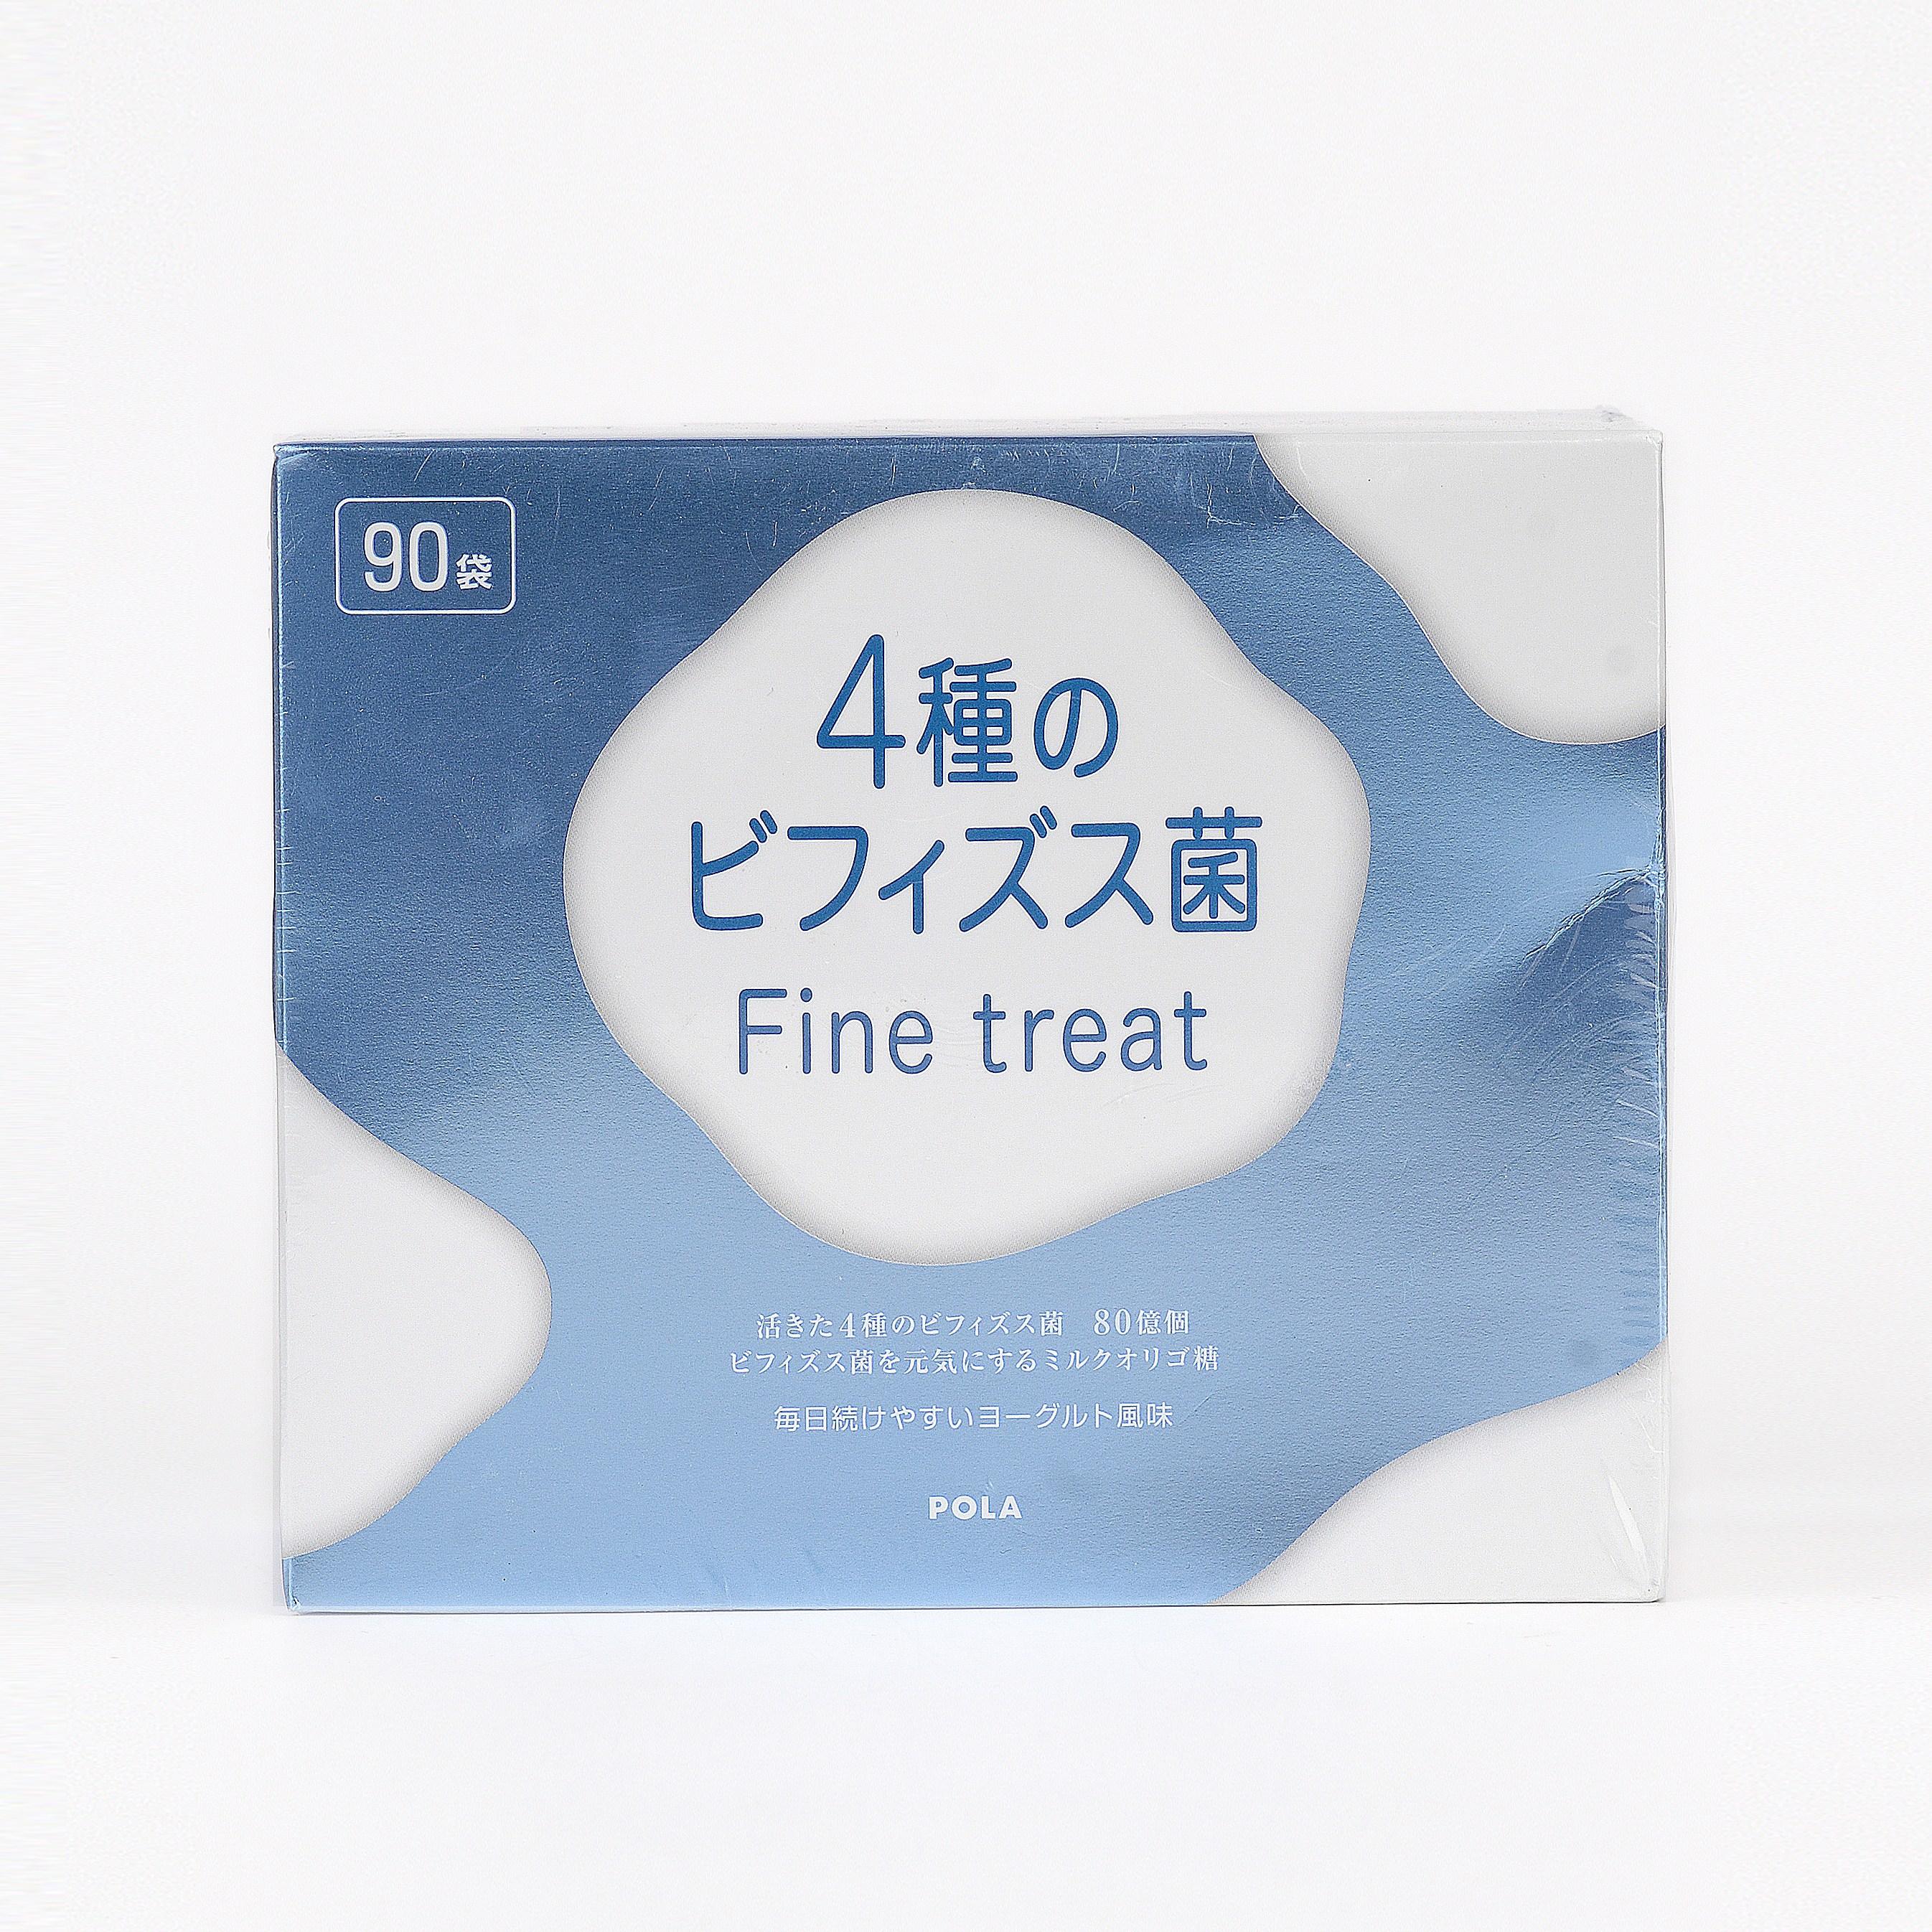 【日本直邮】日本POLA  比菲德氏排毒益生菌乳酸菌果冻条 90袋入